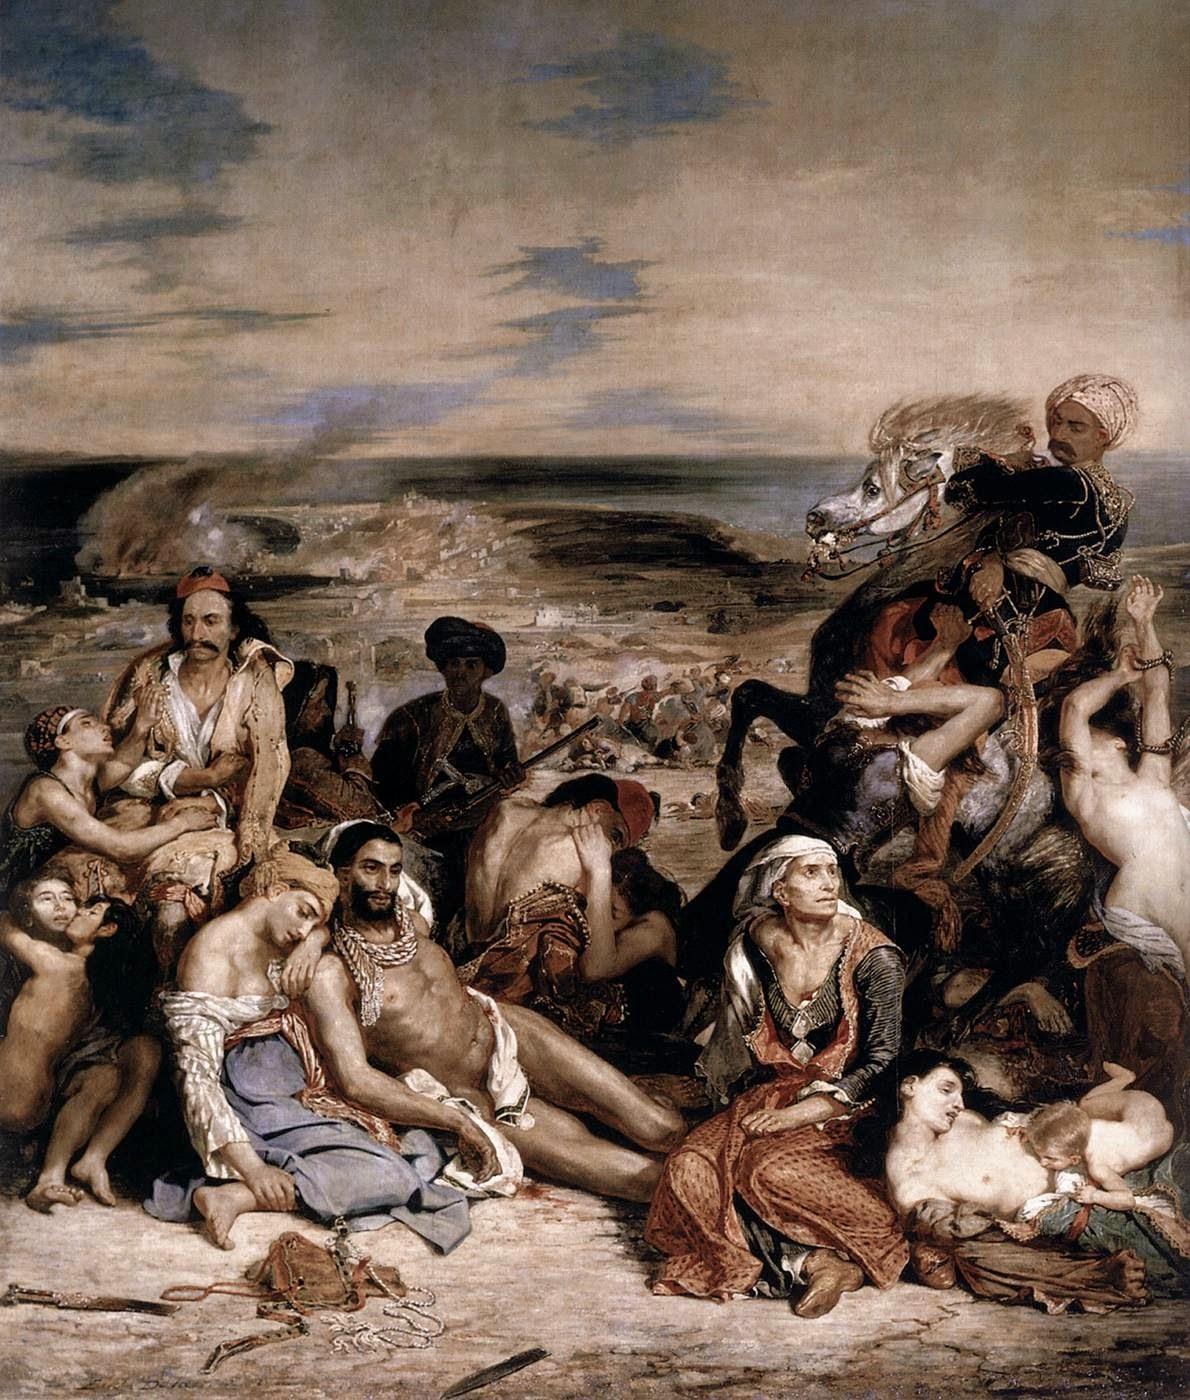 Massacre em Chios - Delacroix, Eugène e suas principais pinturas ~ Romantismo francês